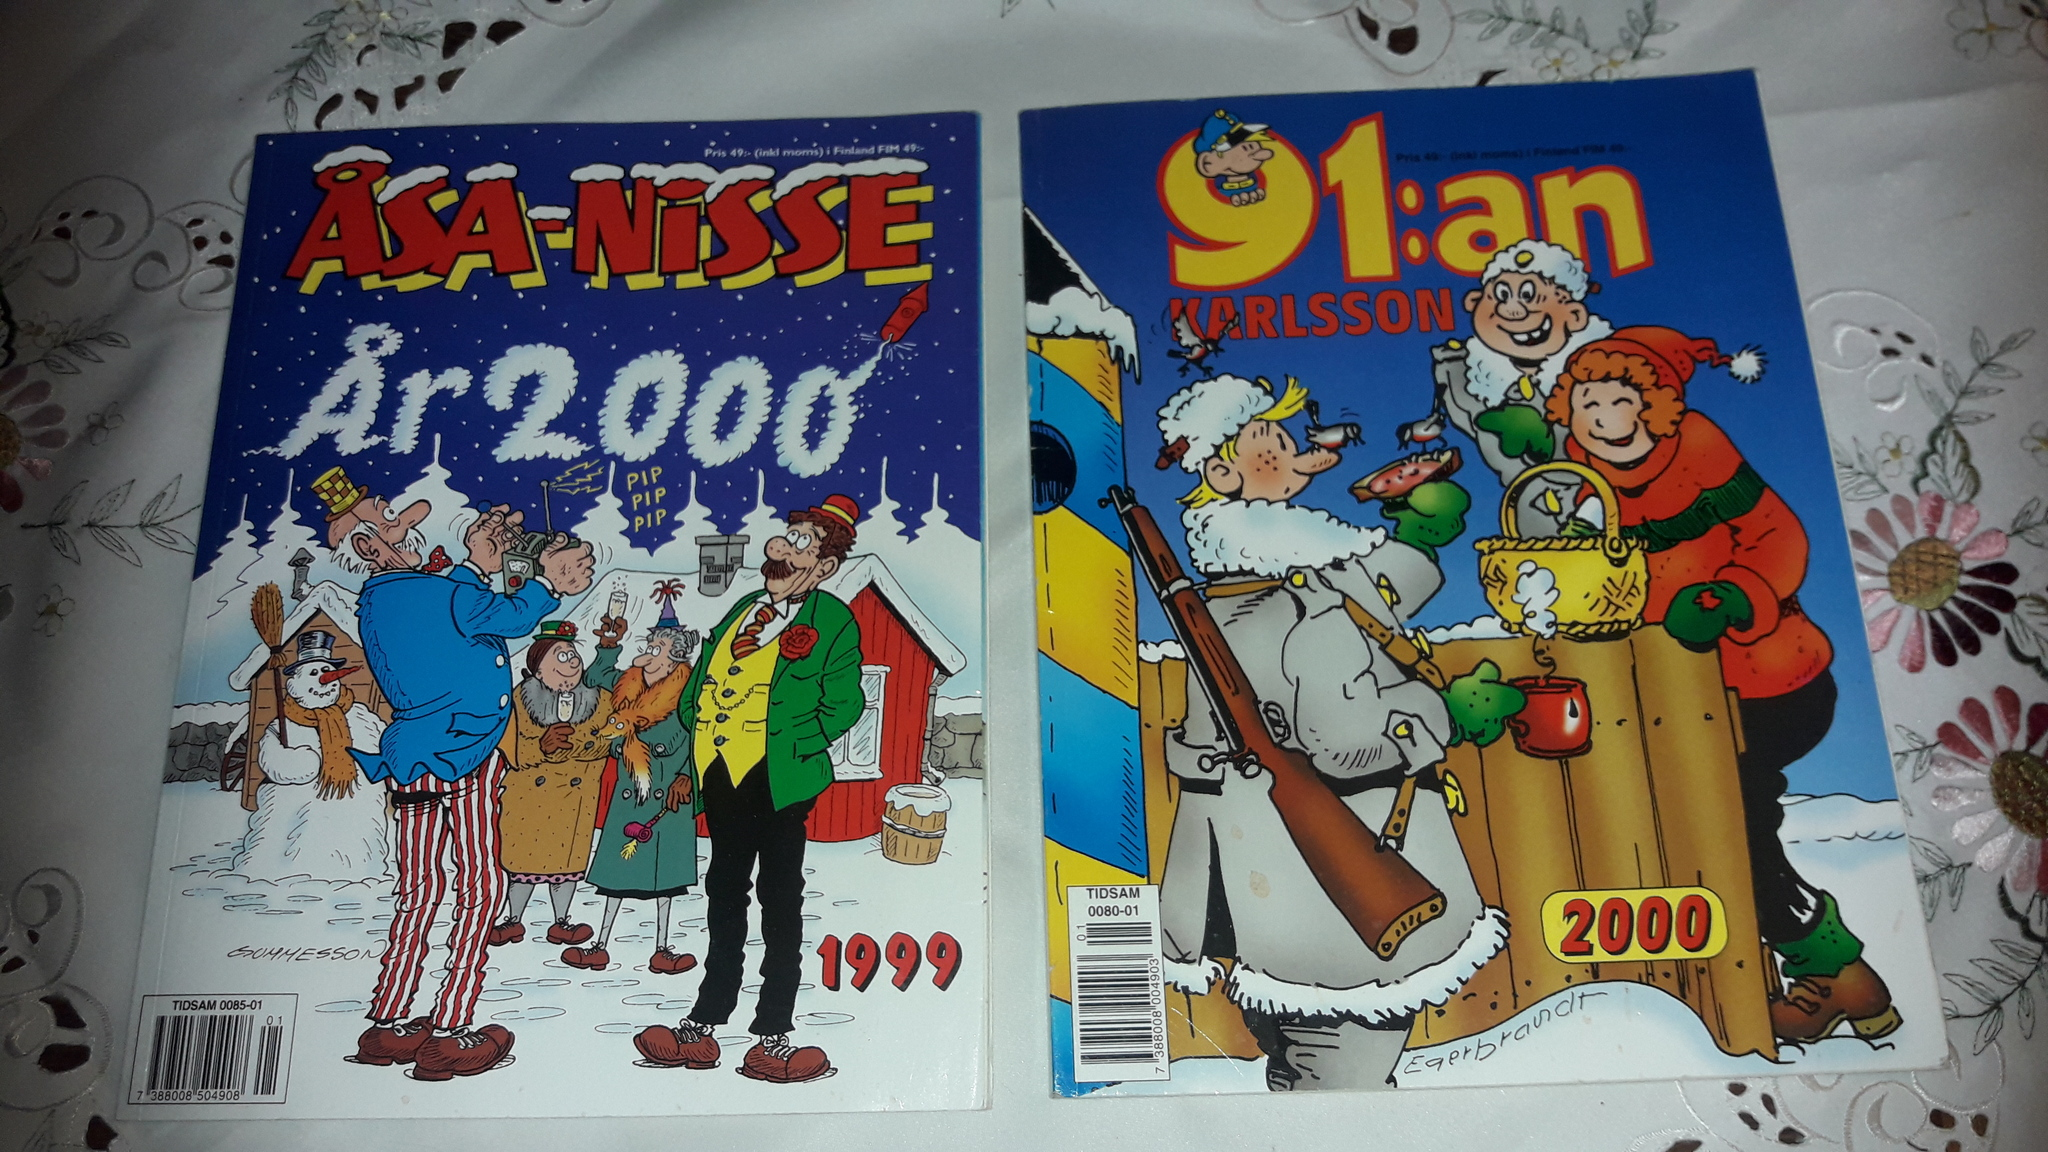 ÅSA-NISE & 91an  - KARLSSON - 99  -2000